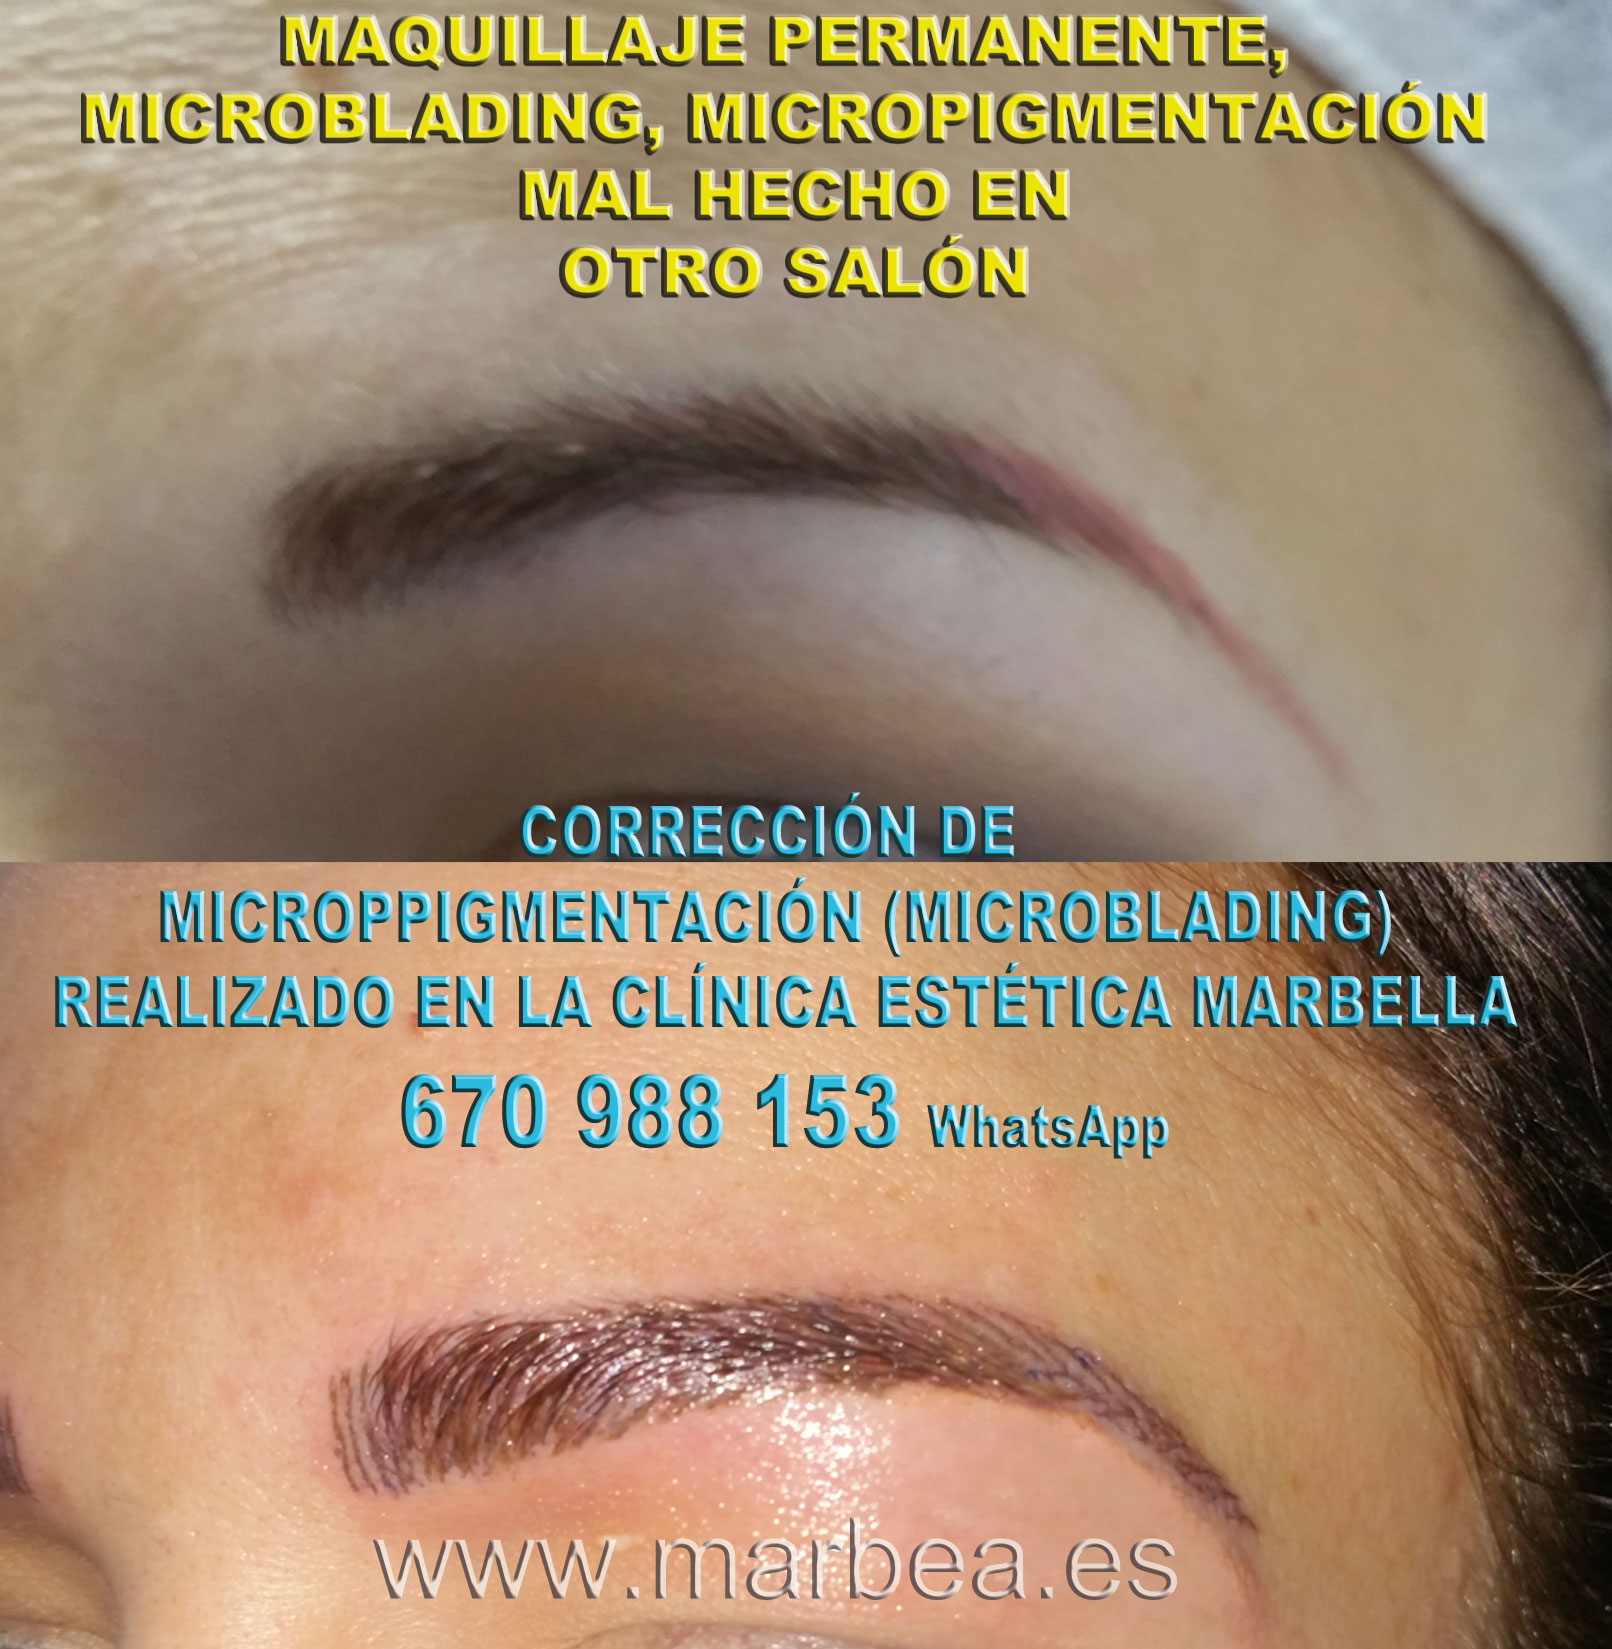 MAQUILLAJE PERMANENTE CEJAS MAL HECHO clínica estética microblading ofrece eliminar la micropigmentación de cejas,corregir micropigmentación mal hecha